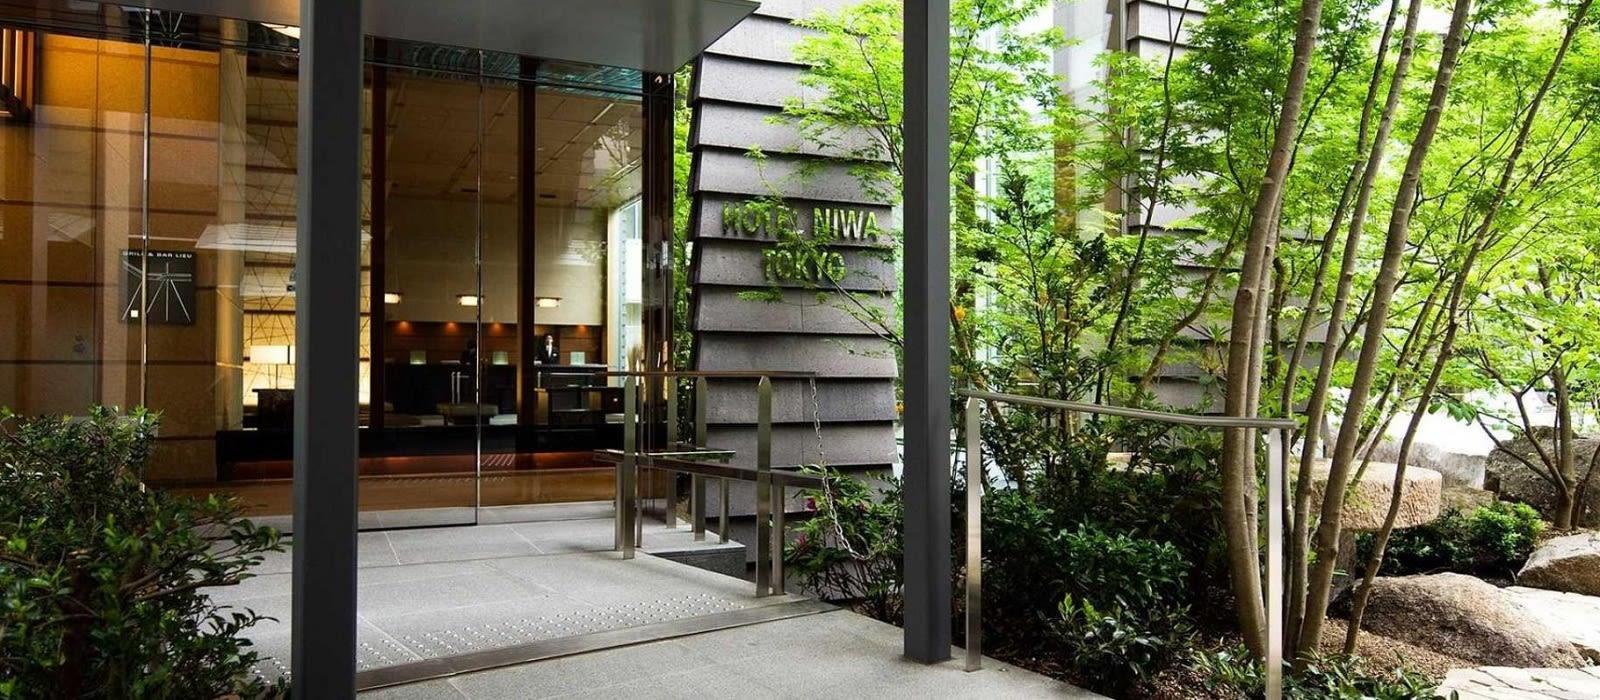 Hotel Niwa  Japan